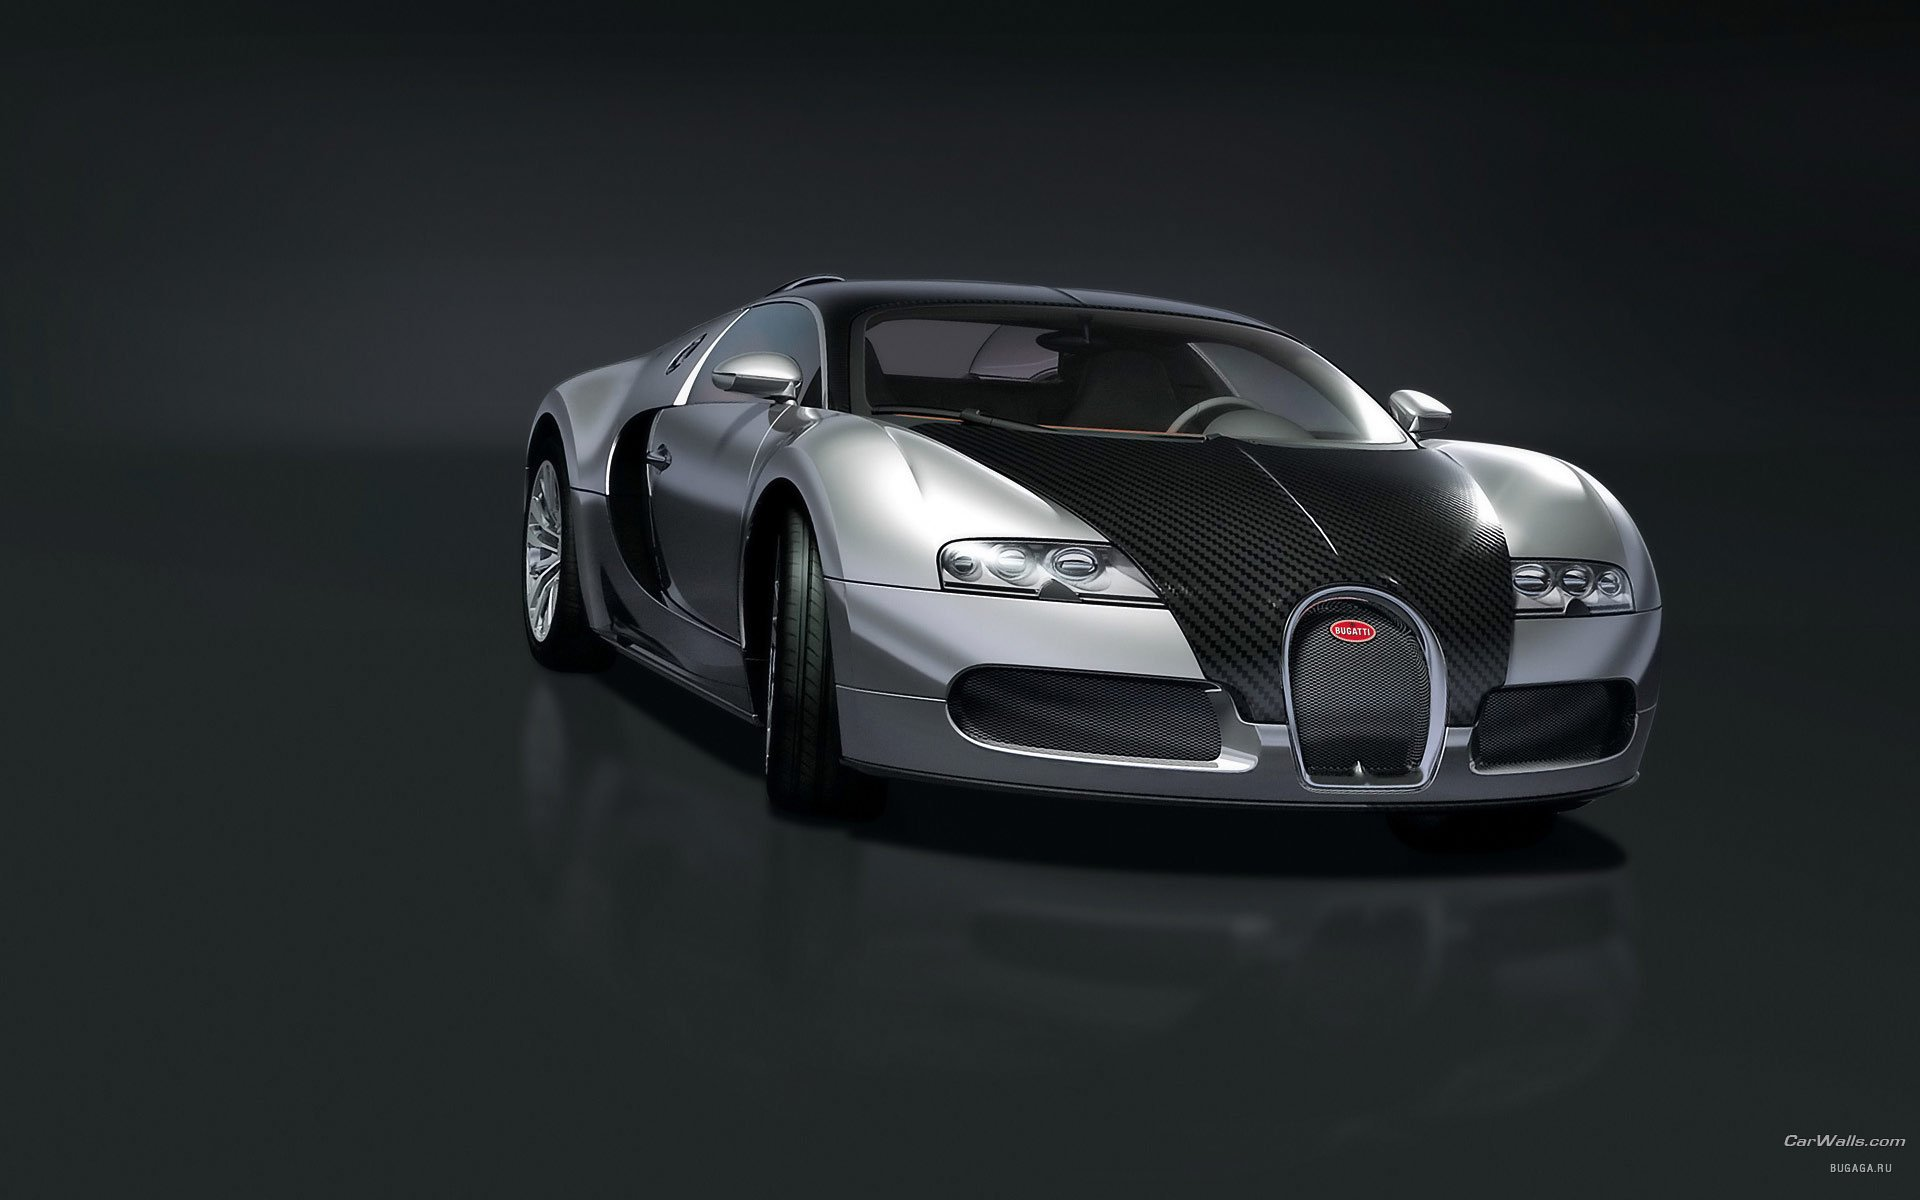 Исходя из логики Hermes, автомобиль Bugatti Veyron на данный момент является законодателем суперкарной моды...